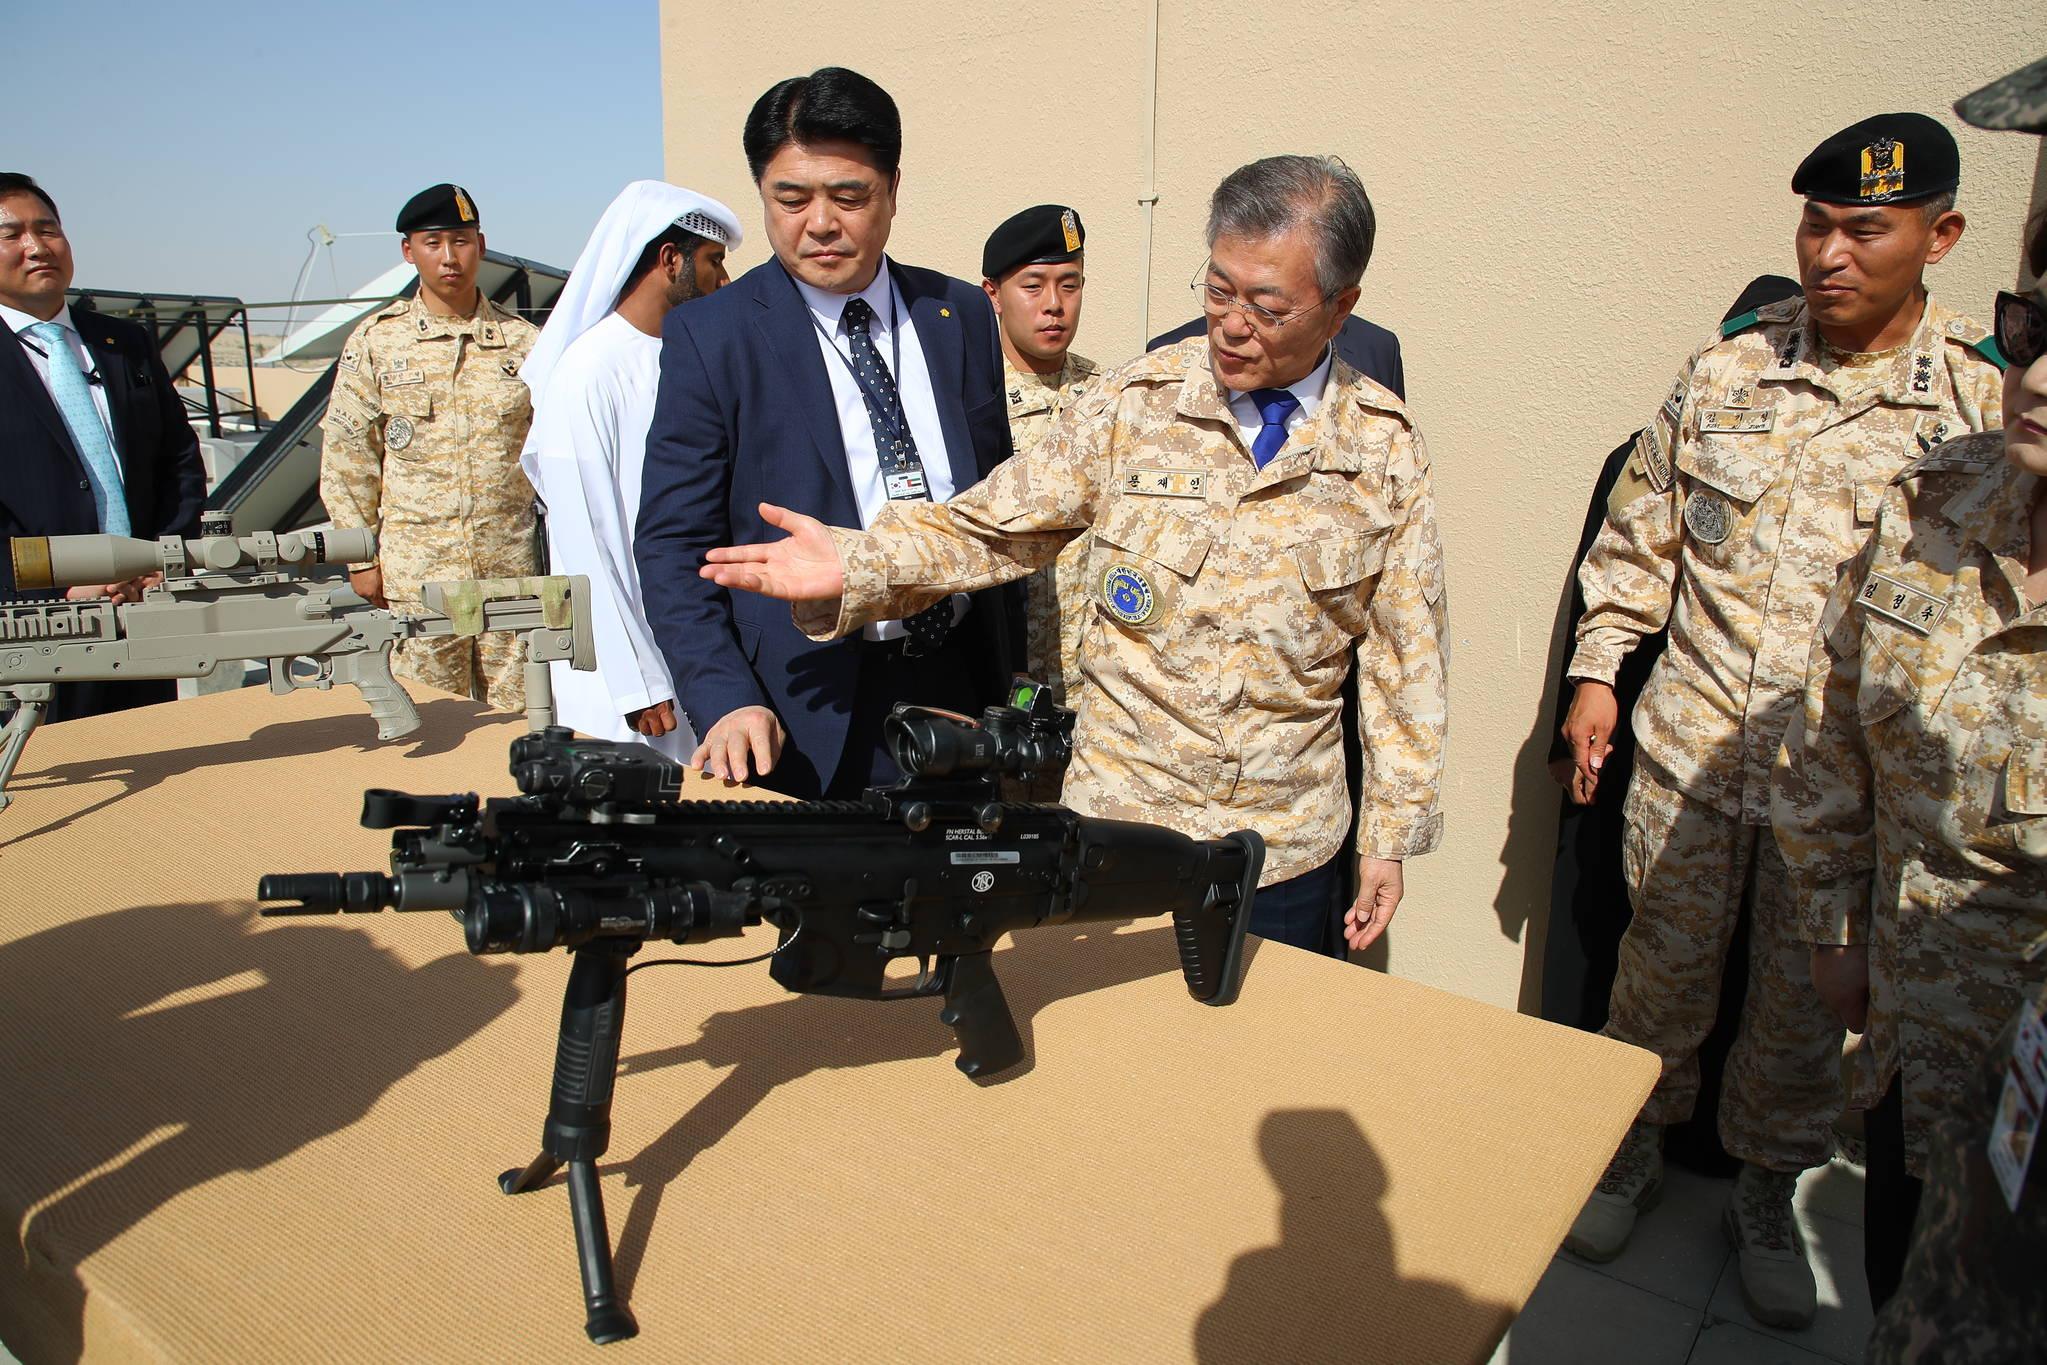 아랍에미리트(UAE)를 공식 방문 중인 문재인 대통령이 27일 오전(현지시간) 아부다비에 주둔하고 있는 아크 부대를 방문, 사격자세를 취하고 있다. 청와대사진기자단